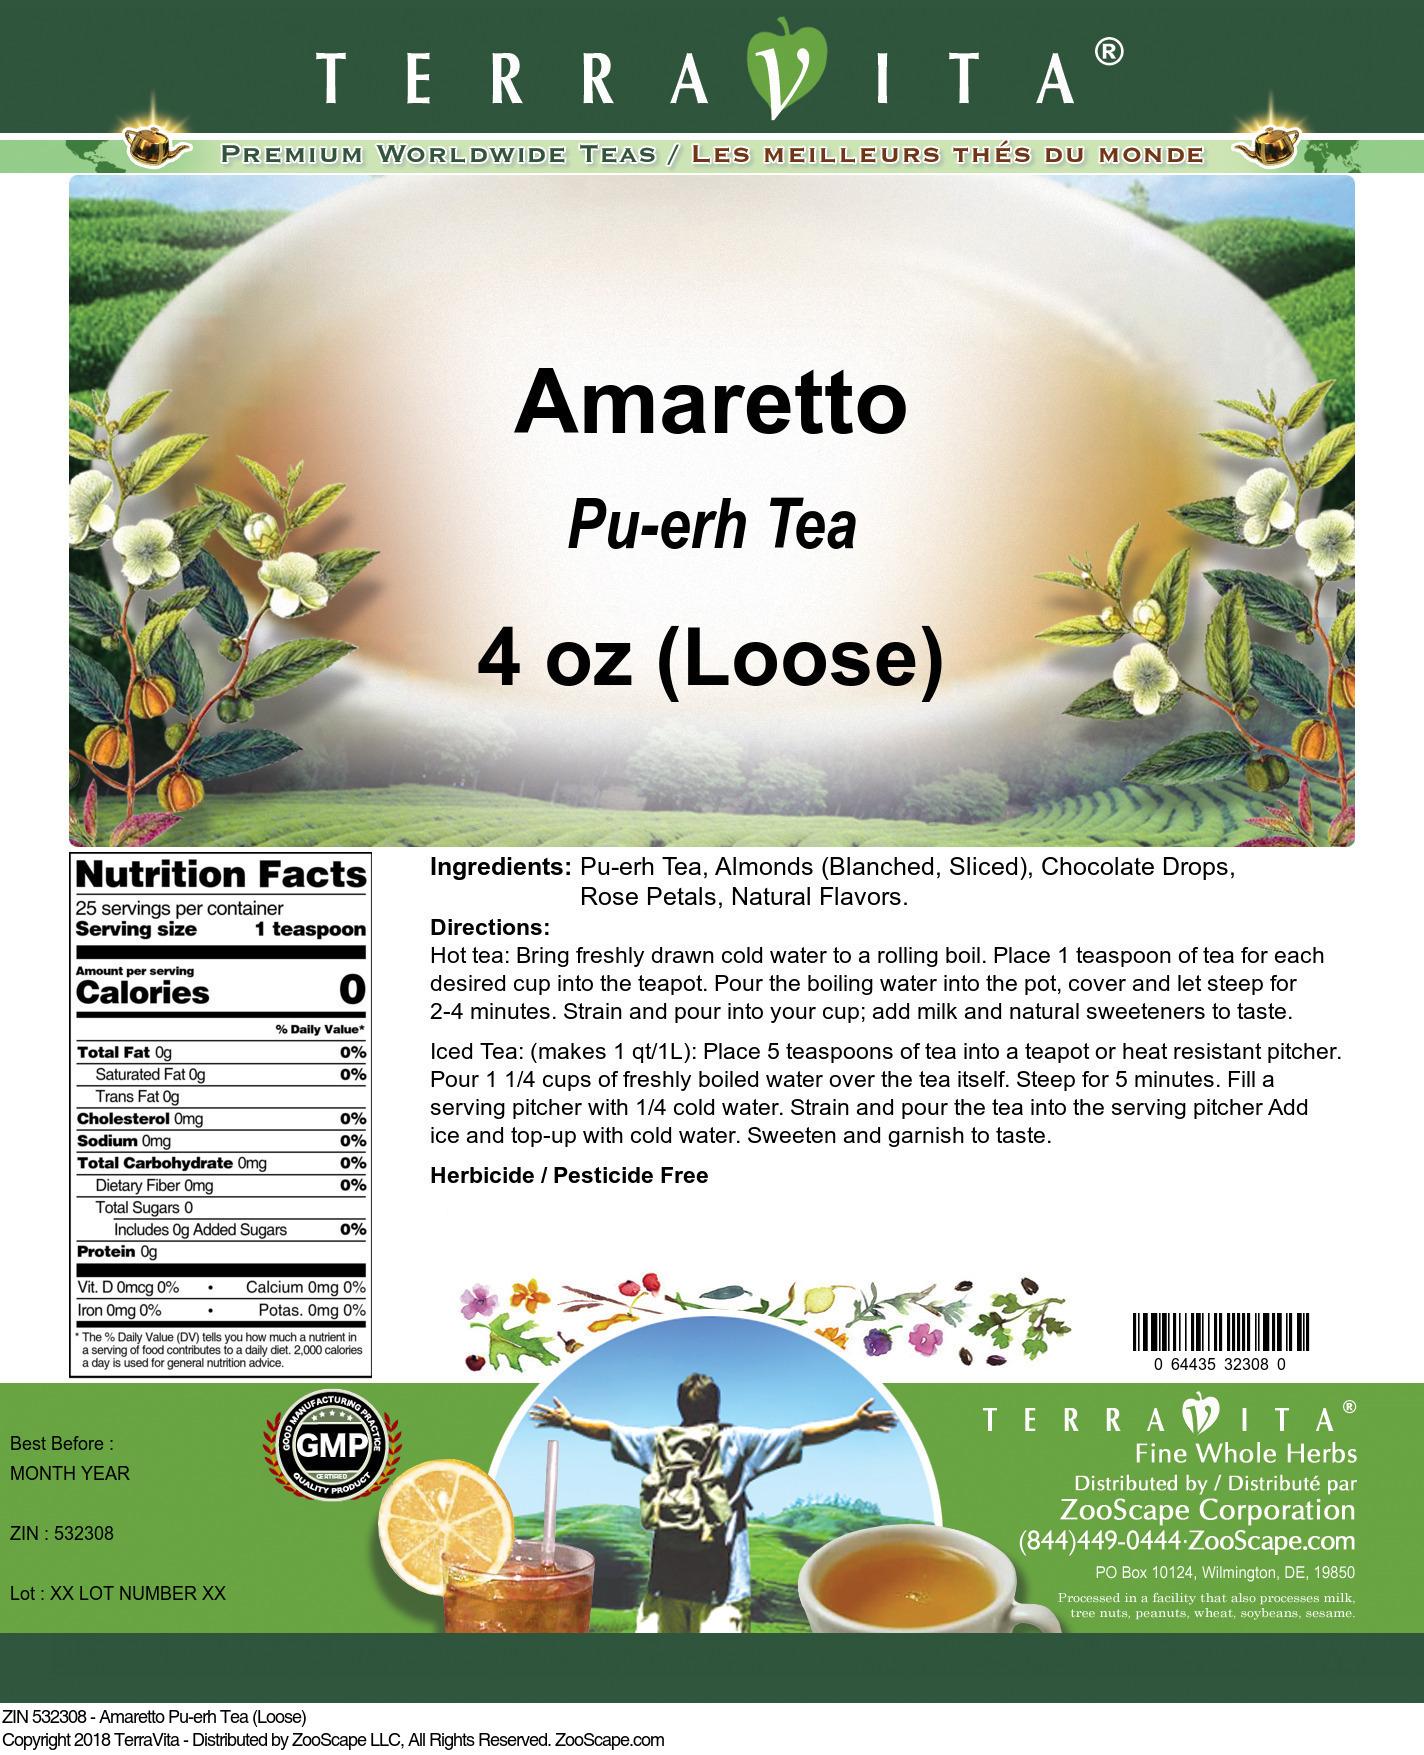 Amaretto Pu-erh Tea